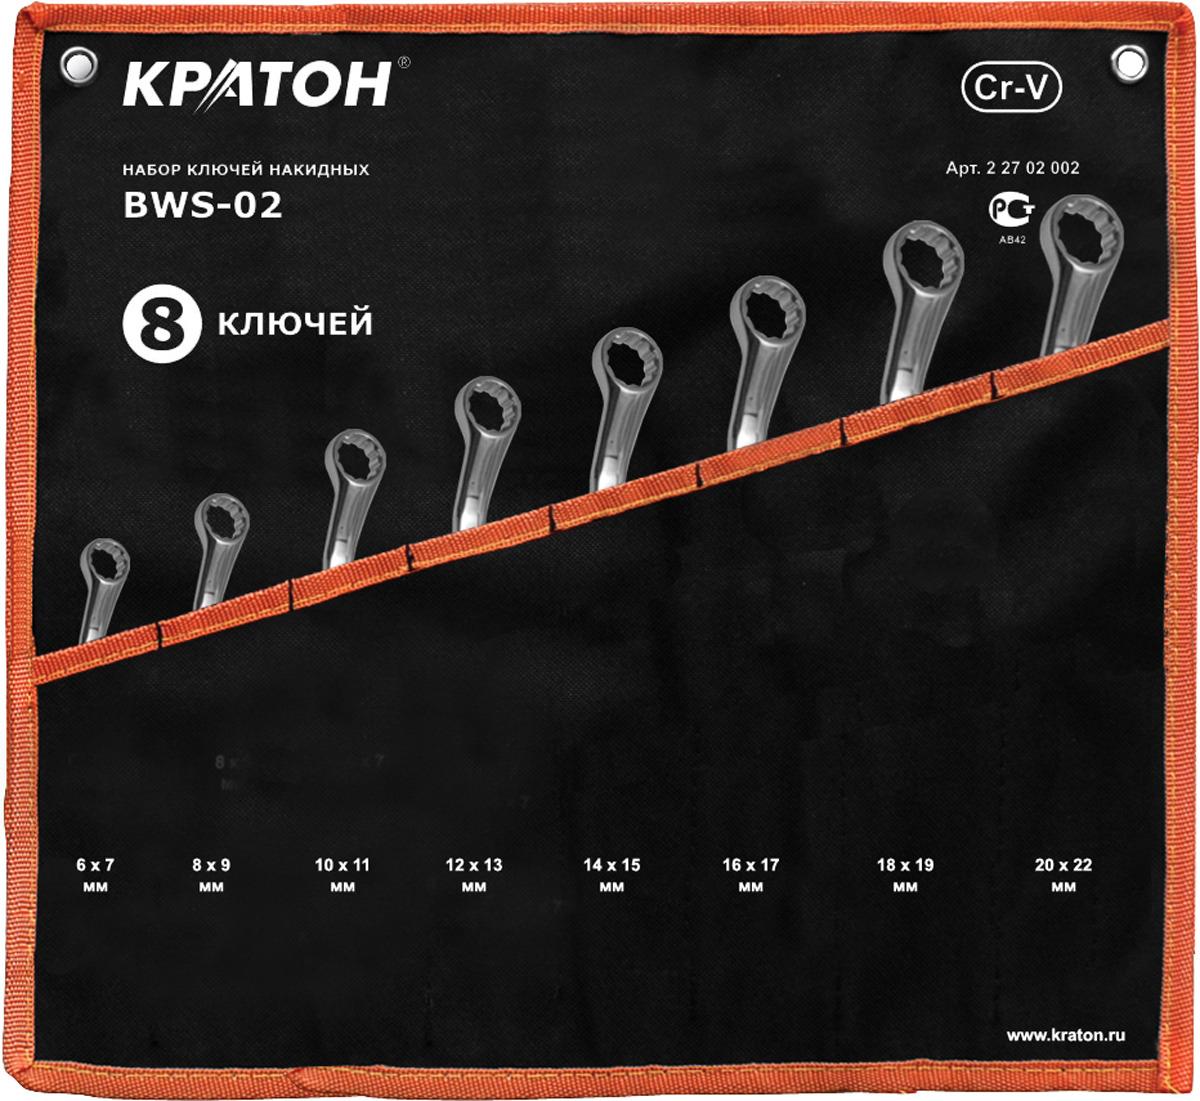 Набор ключей накидных Кратон BWS-02, 8 предметов набор накидных ключей sata 09046 8 24 мм 6 шт